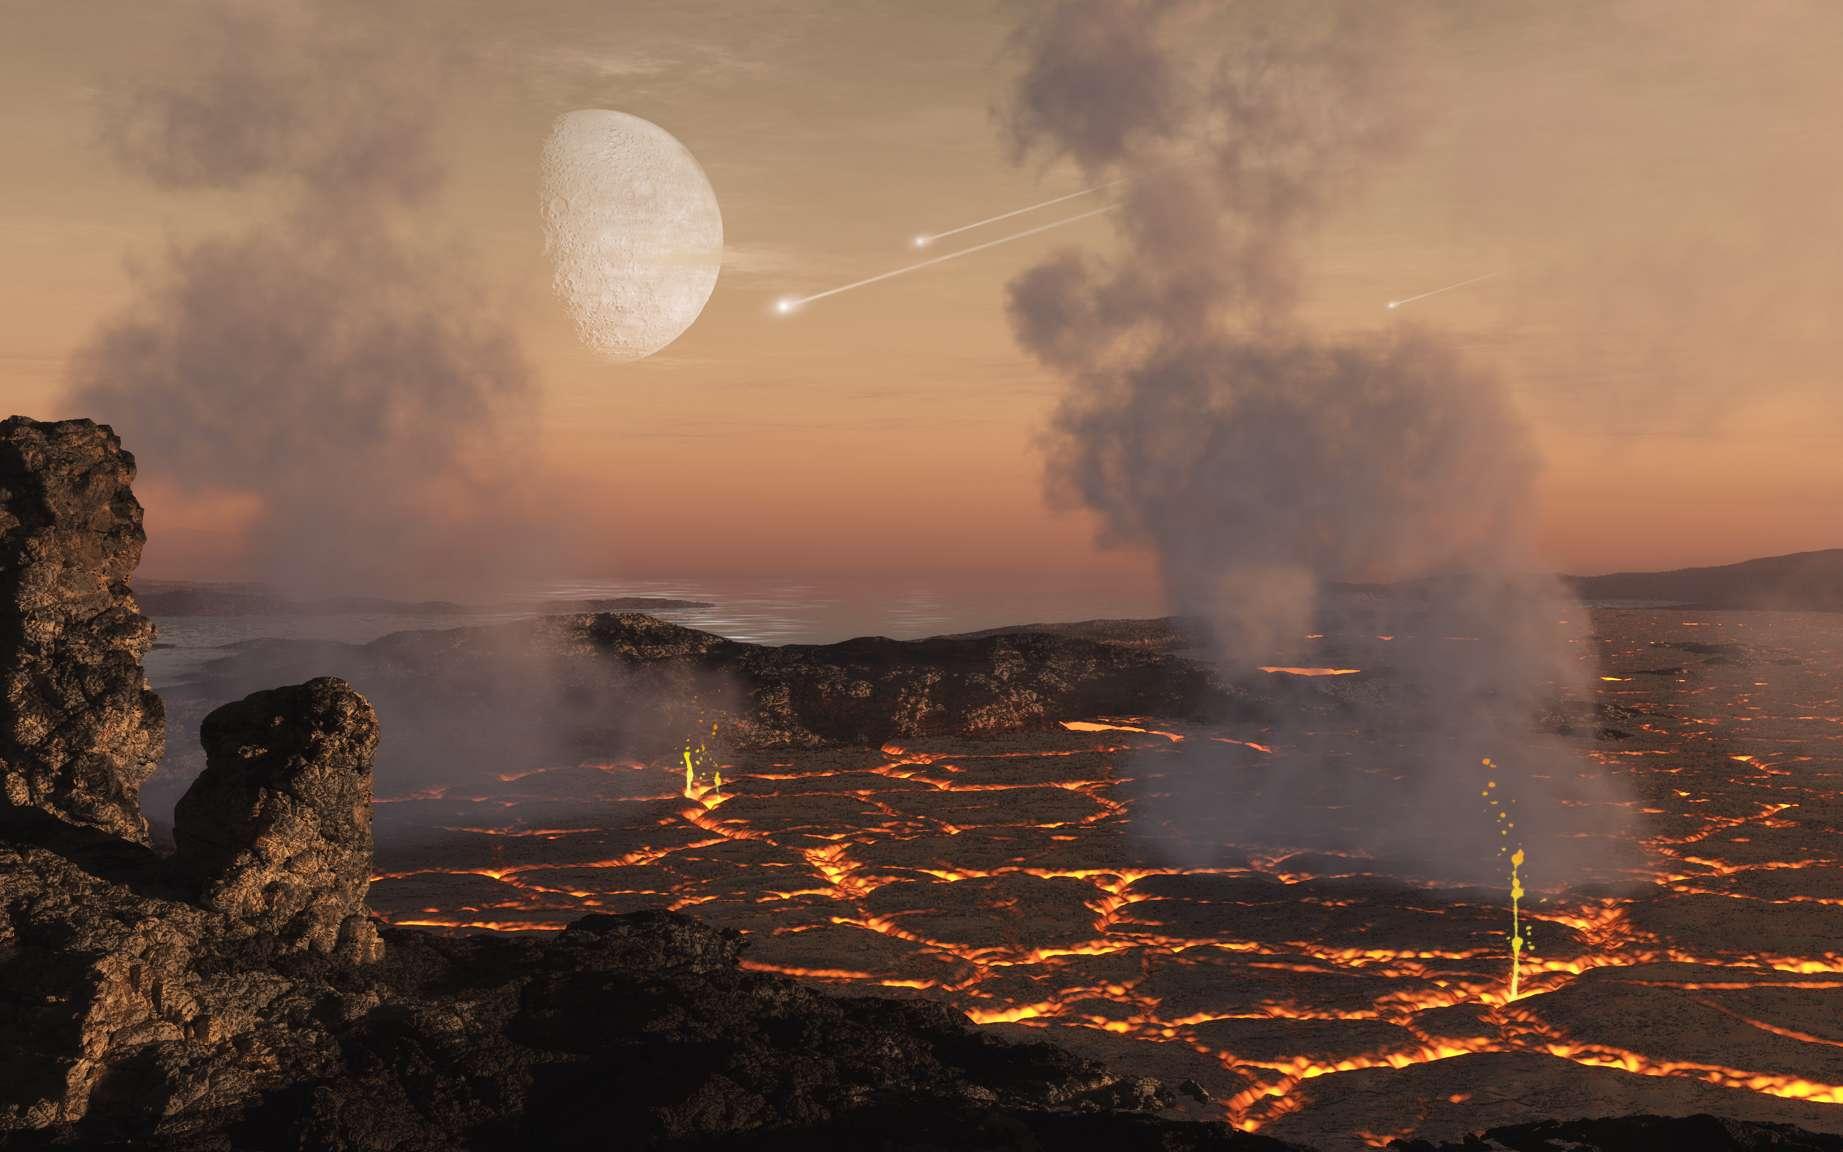 On pense que les premières atmosphères des planètes rocheuses se forment principalement à partir de gaz libérés de la surface de la planète à la suite de l'échauffement intense lors de l'accrétion des blocs de construction planétaires et plus tard de l'activité volcanique au début du développement de la planète. © Illustration par Dan Durda, Southwest Research Institute